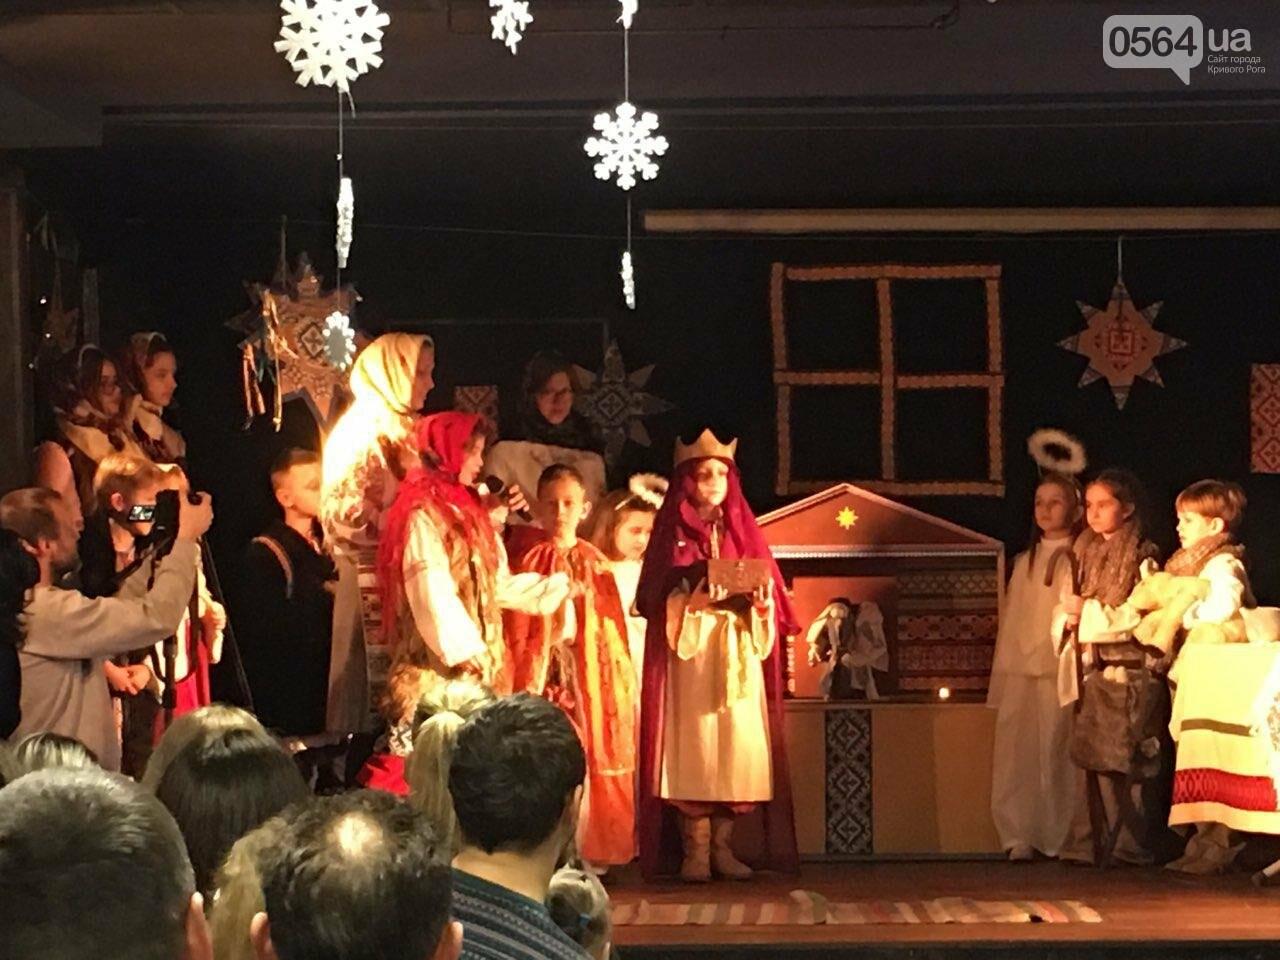 Христос рождается! В Кривом Роге показали Рождественский вертеп, - ФОТО, ВИДЕО, фото-4